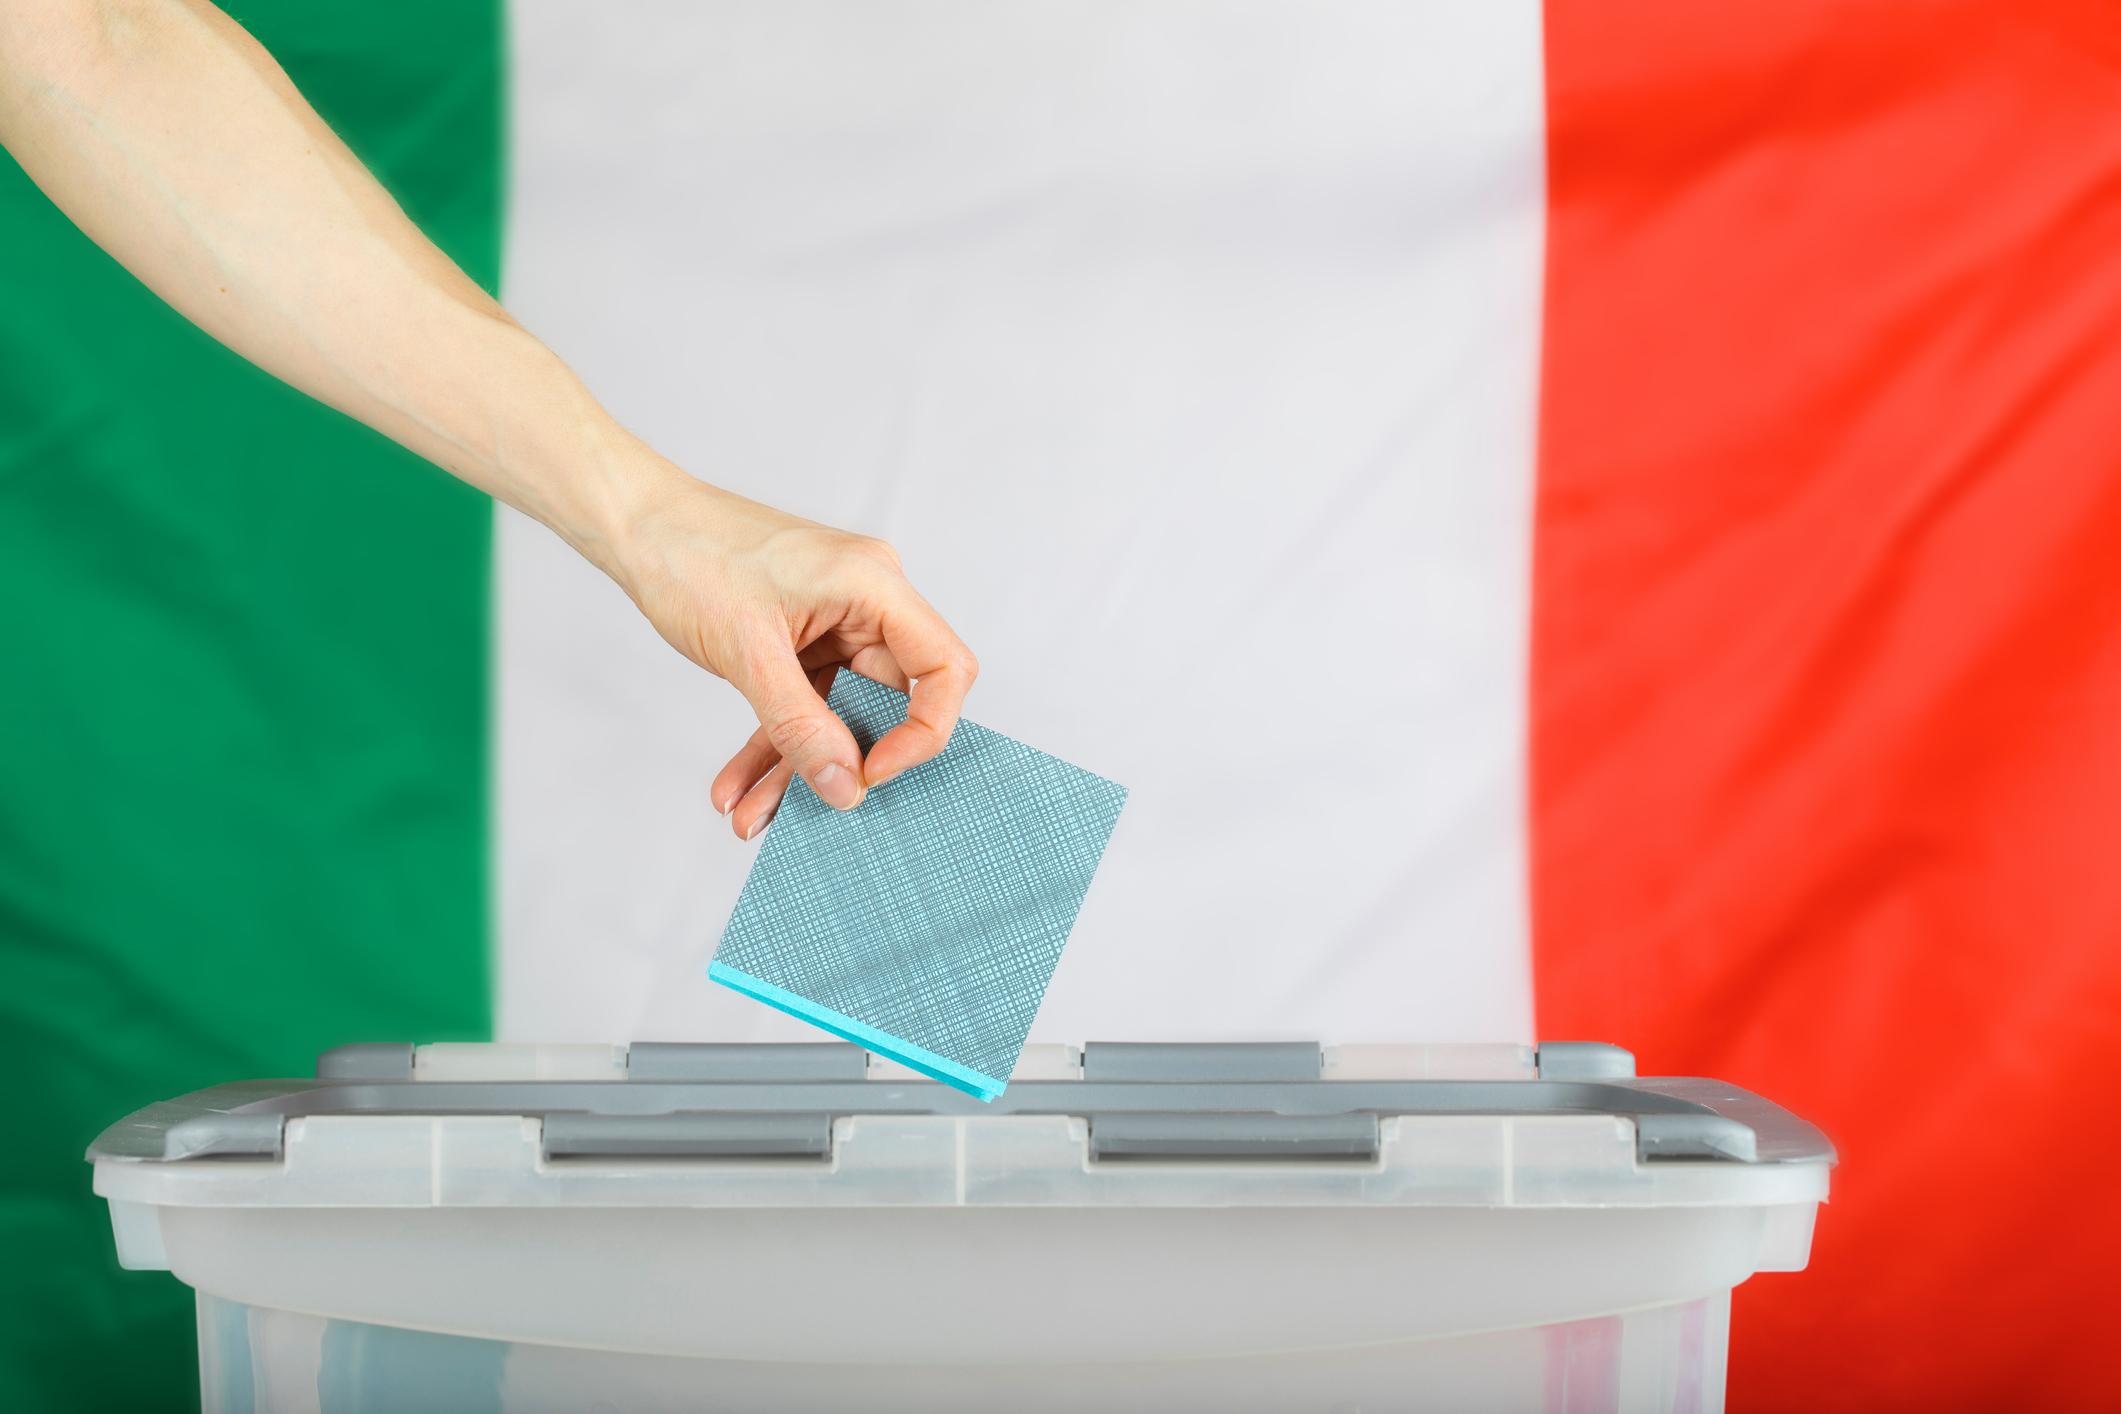 Regione Campania: elezione del Presidente e del Consiglio regionale